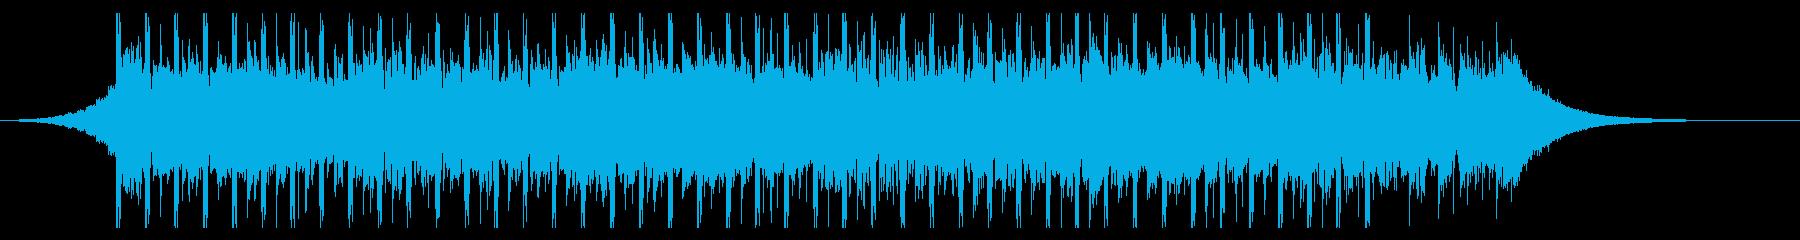 志望(30秒)の再生済みの波形